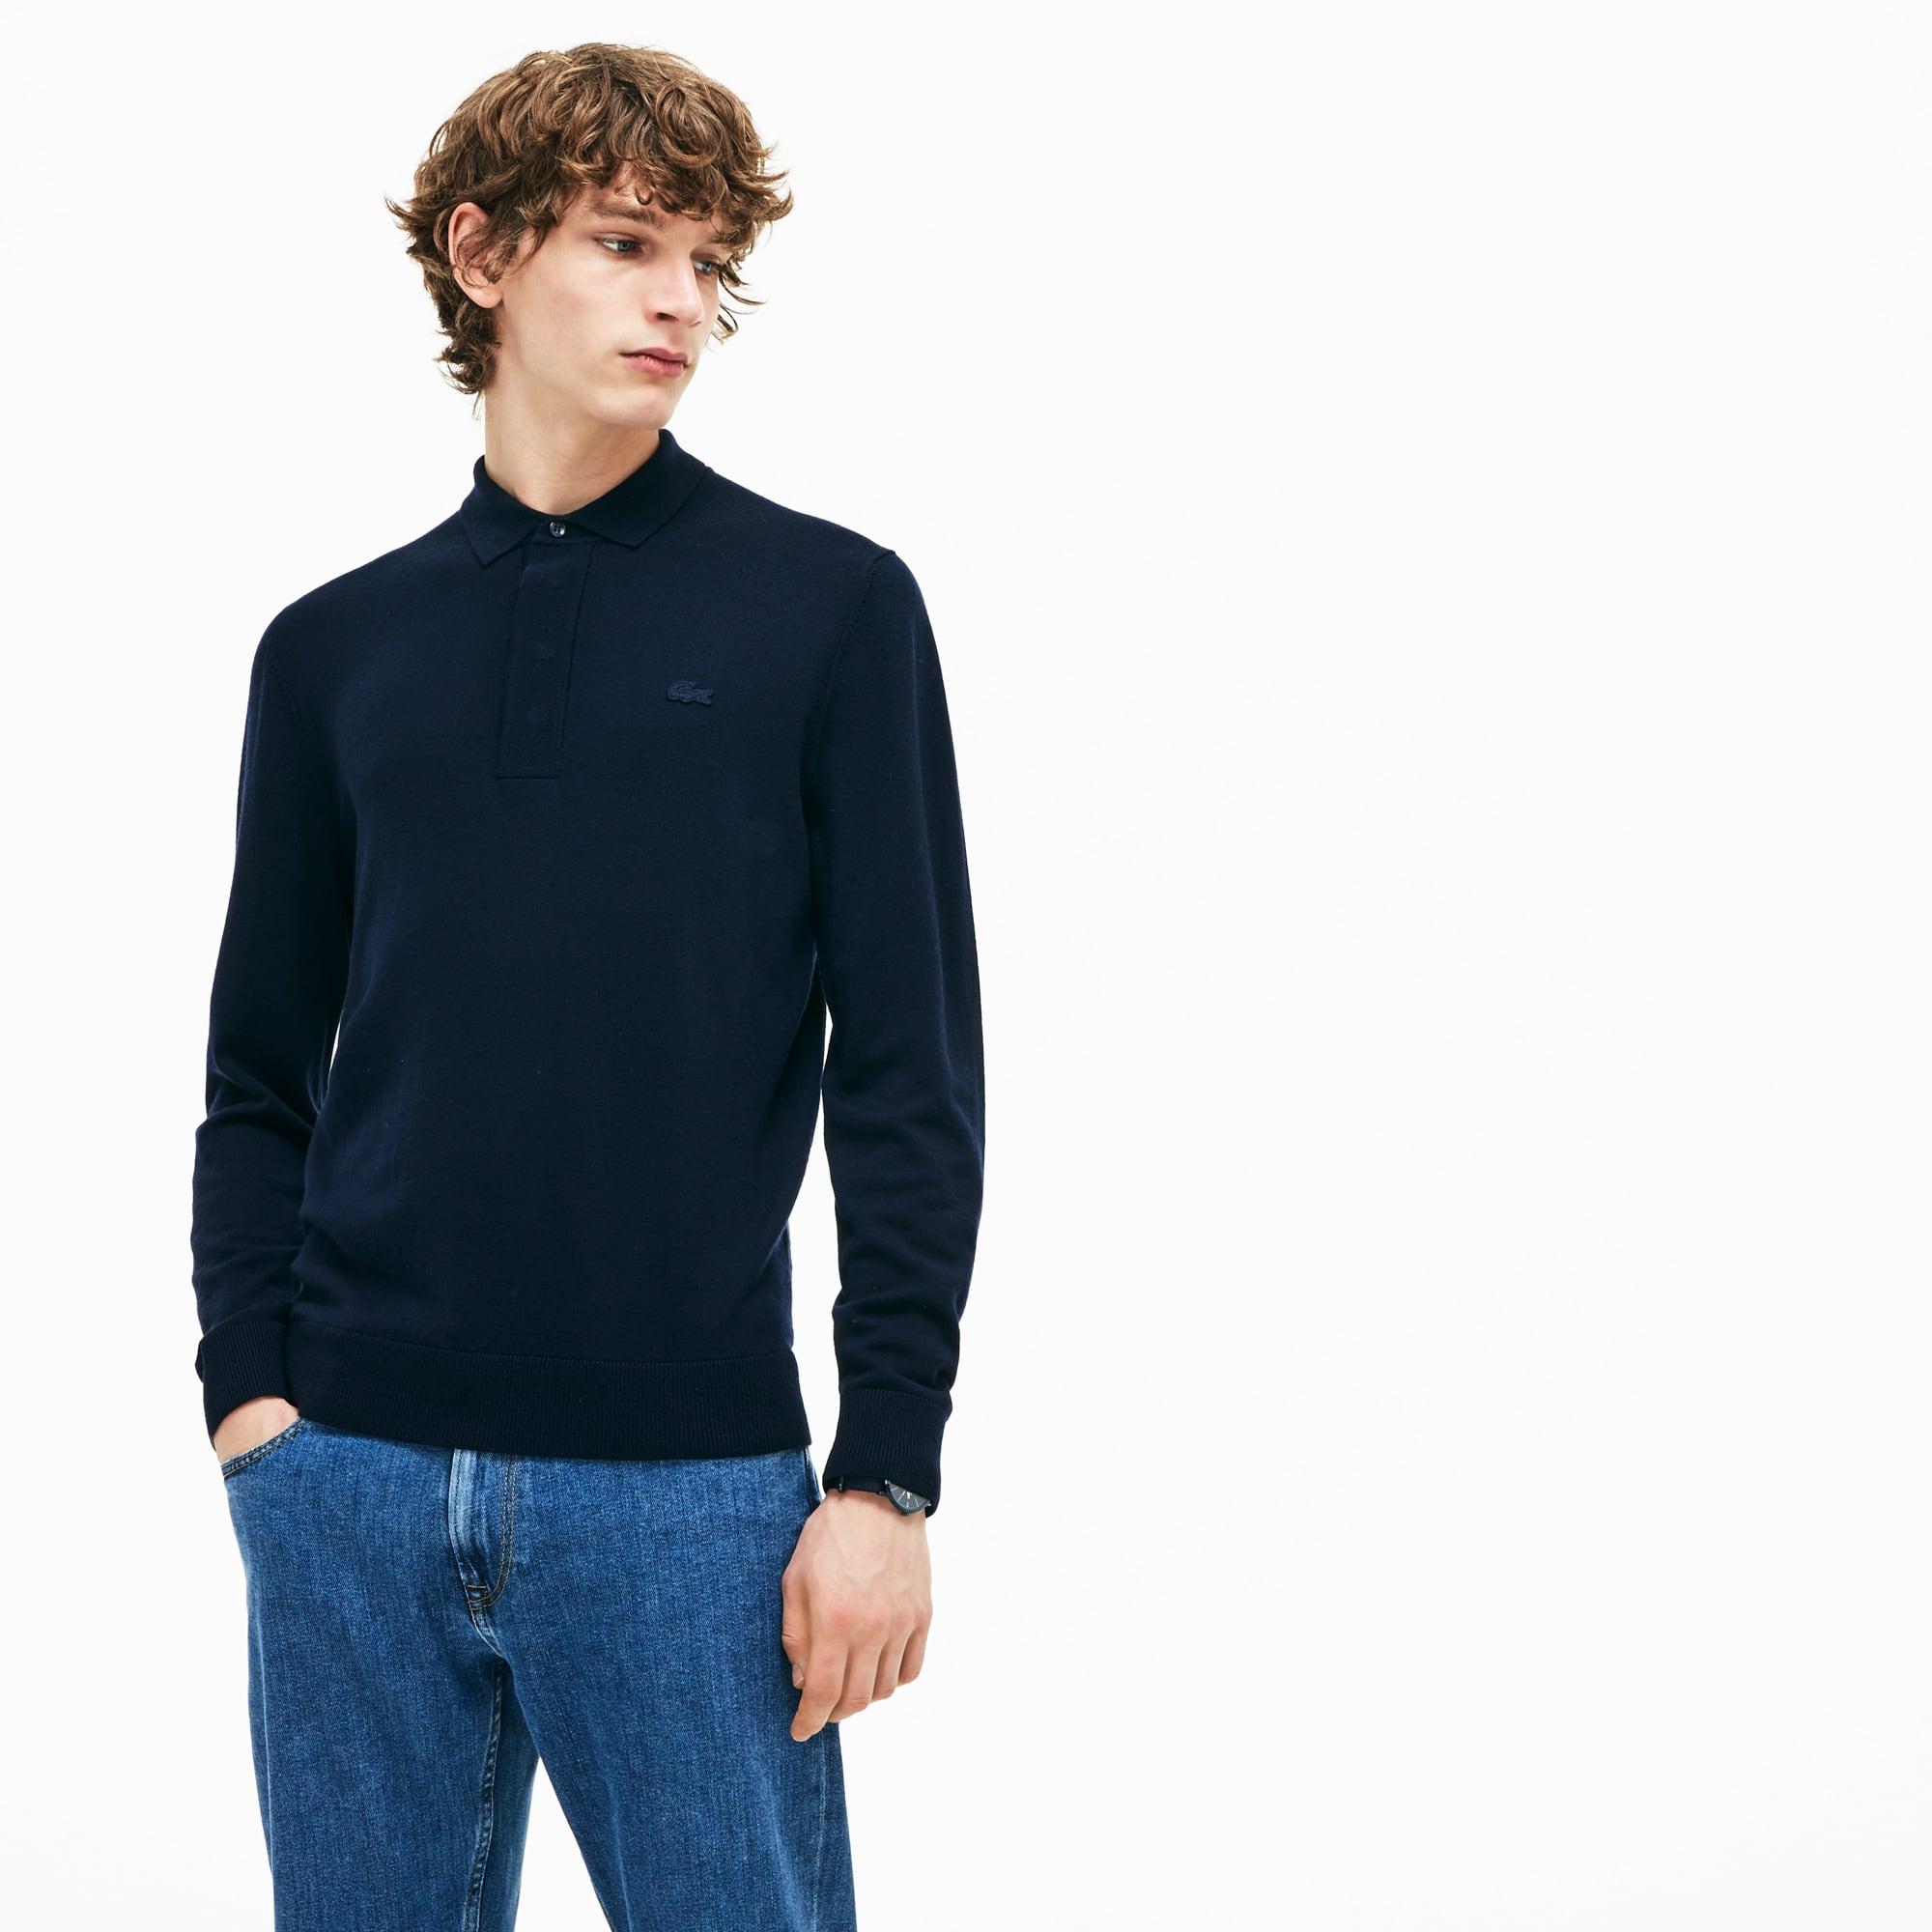 男士羊毛平纹针织面料毛衣